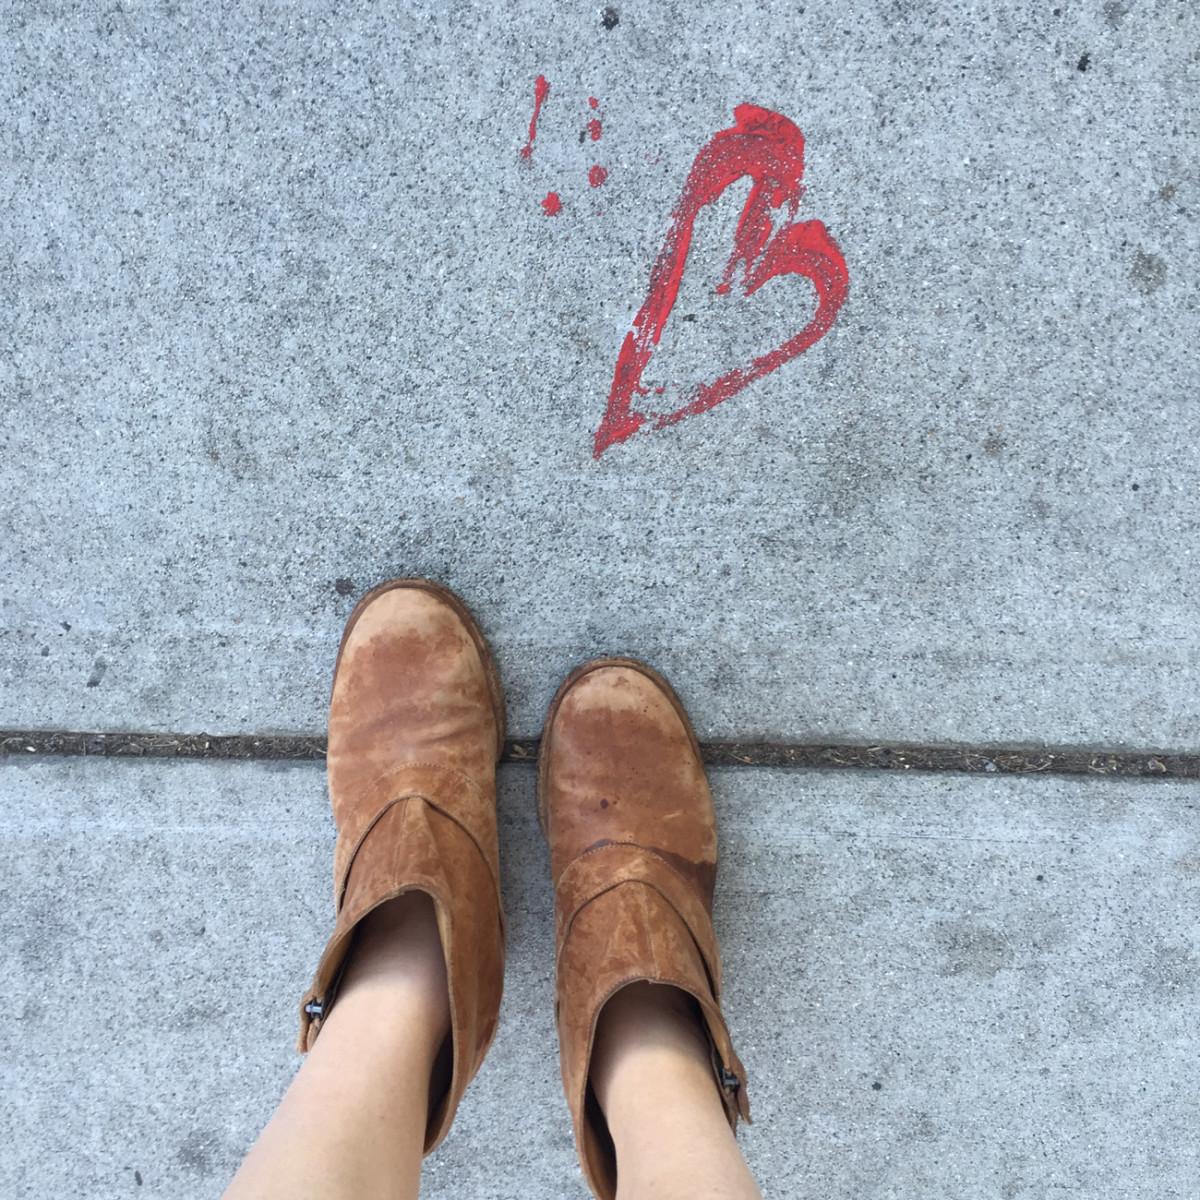 {Sidewalk heart}